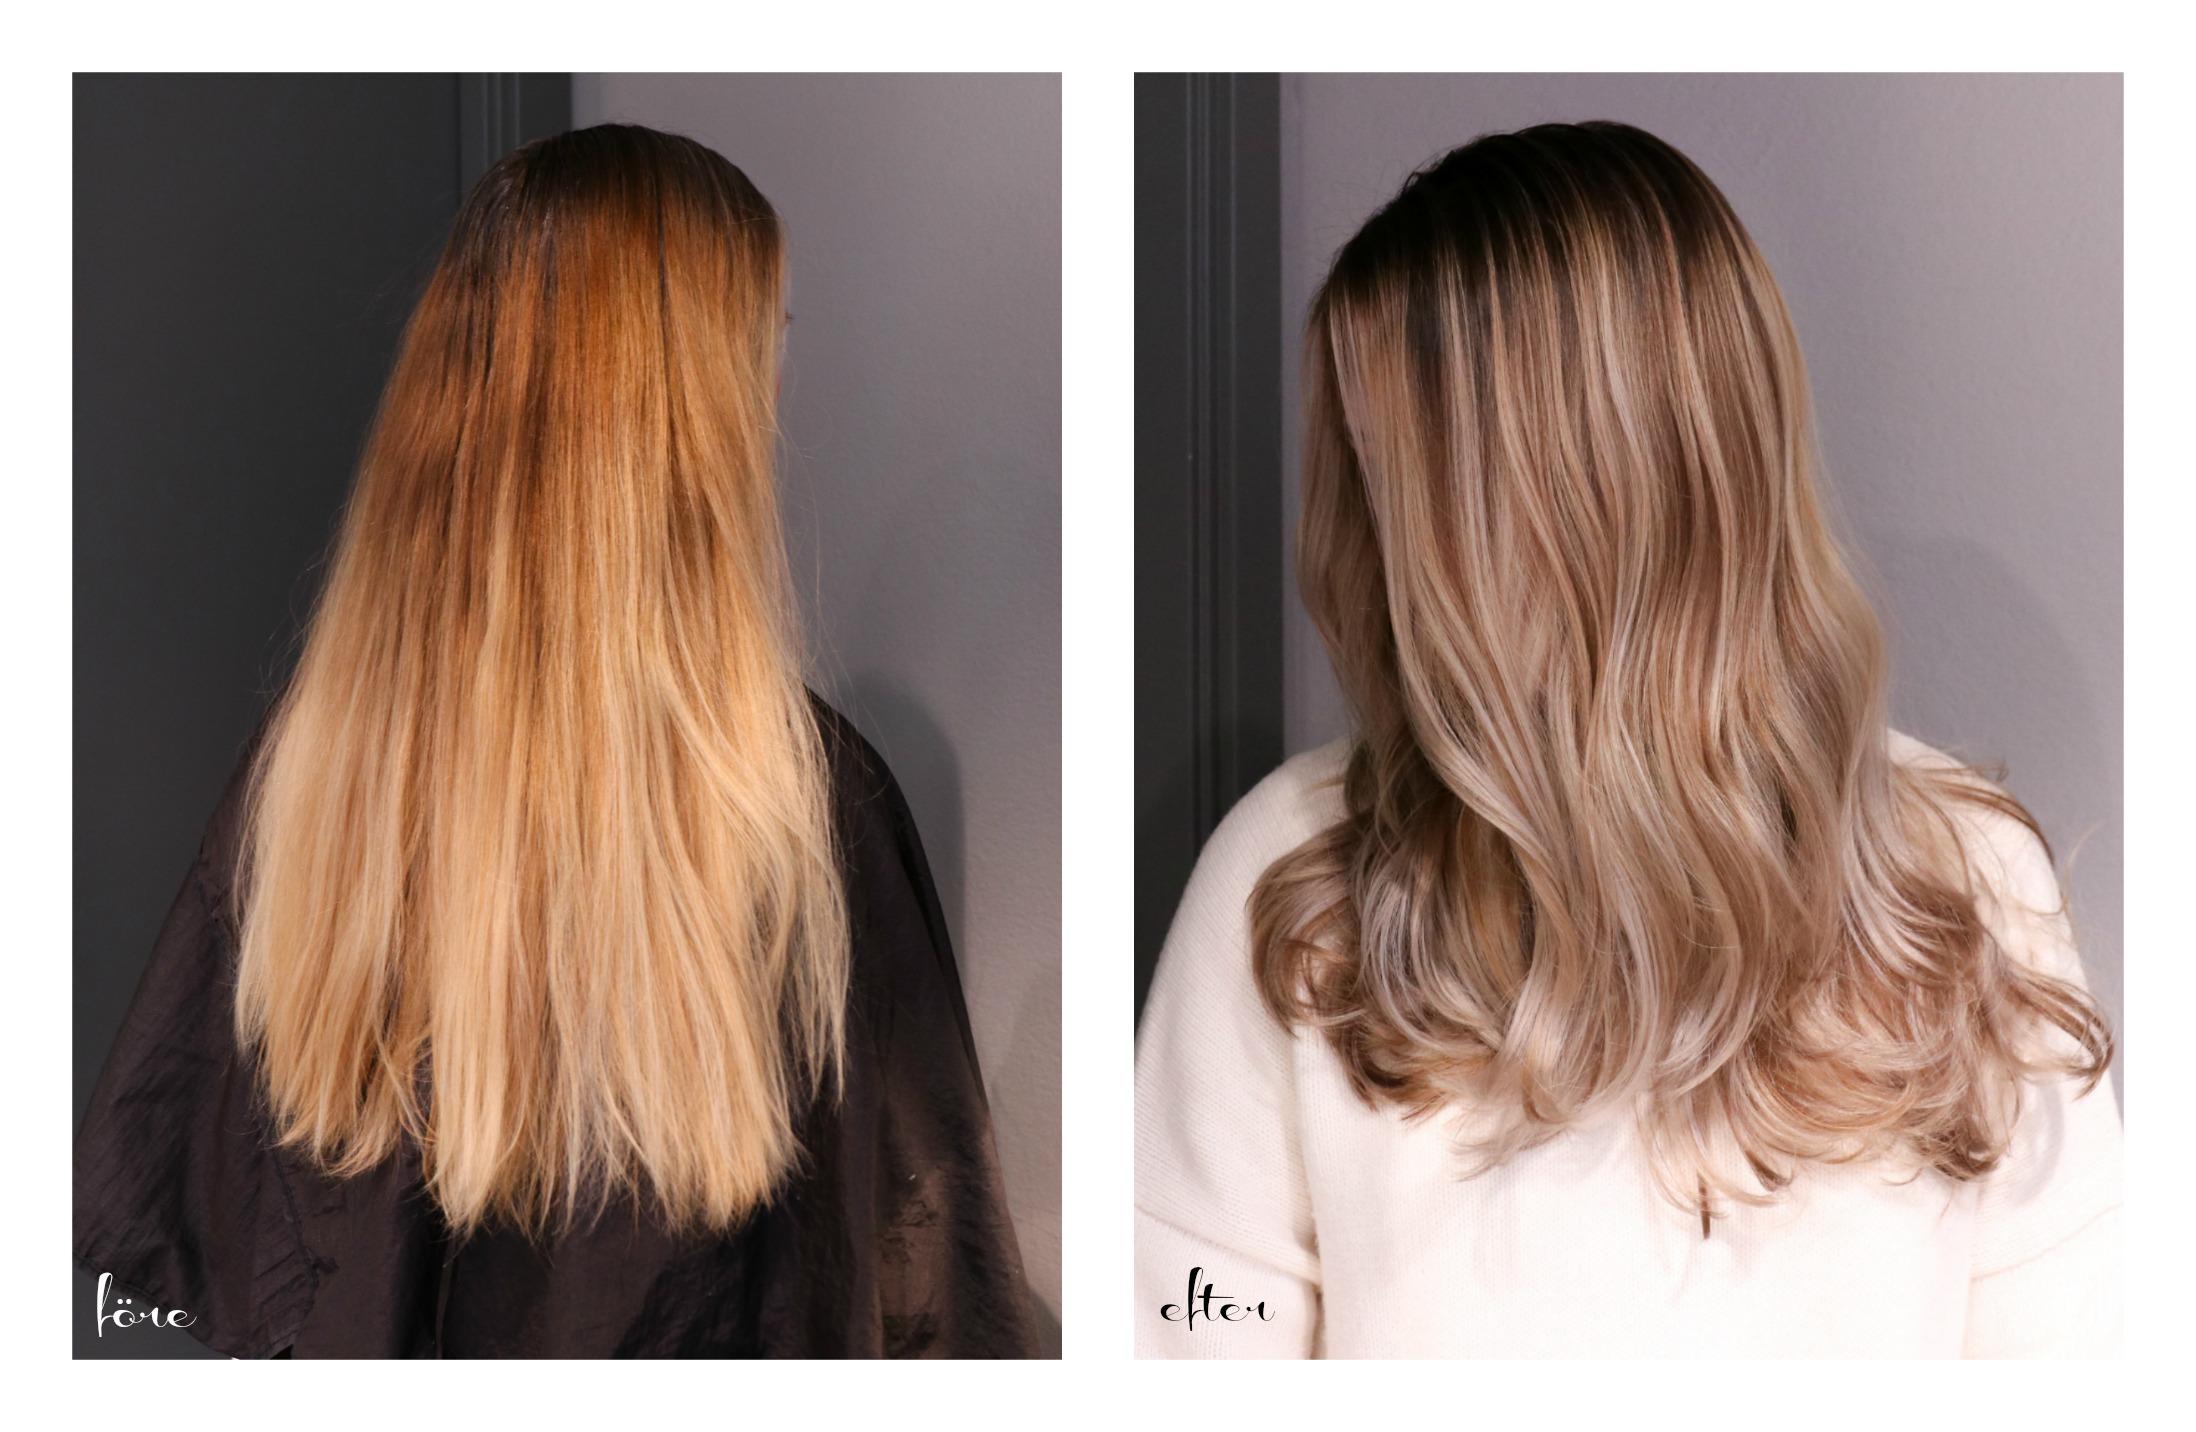 ta bort orange hårfärg